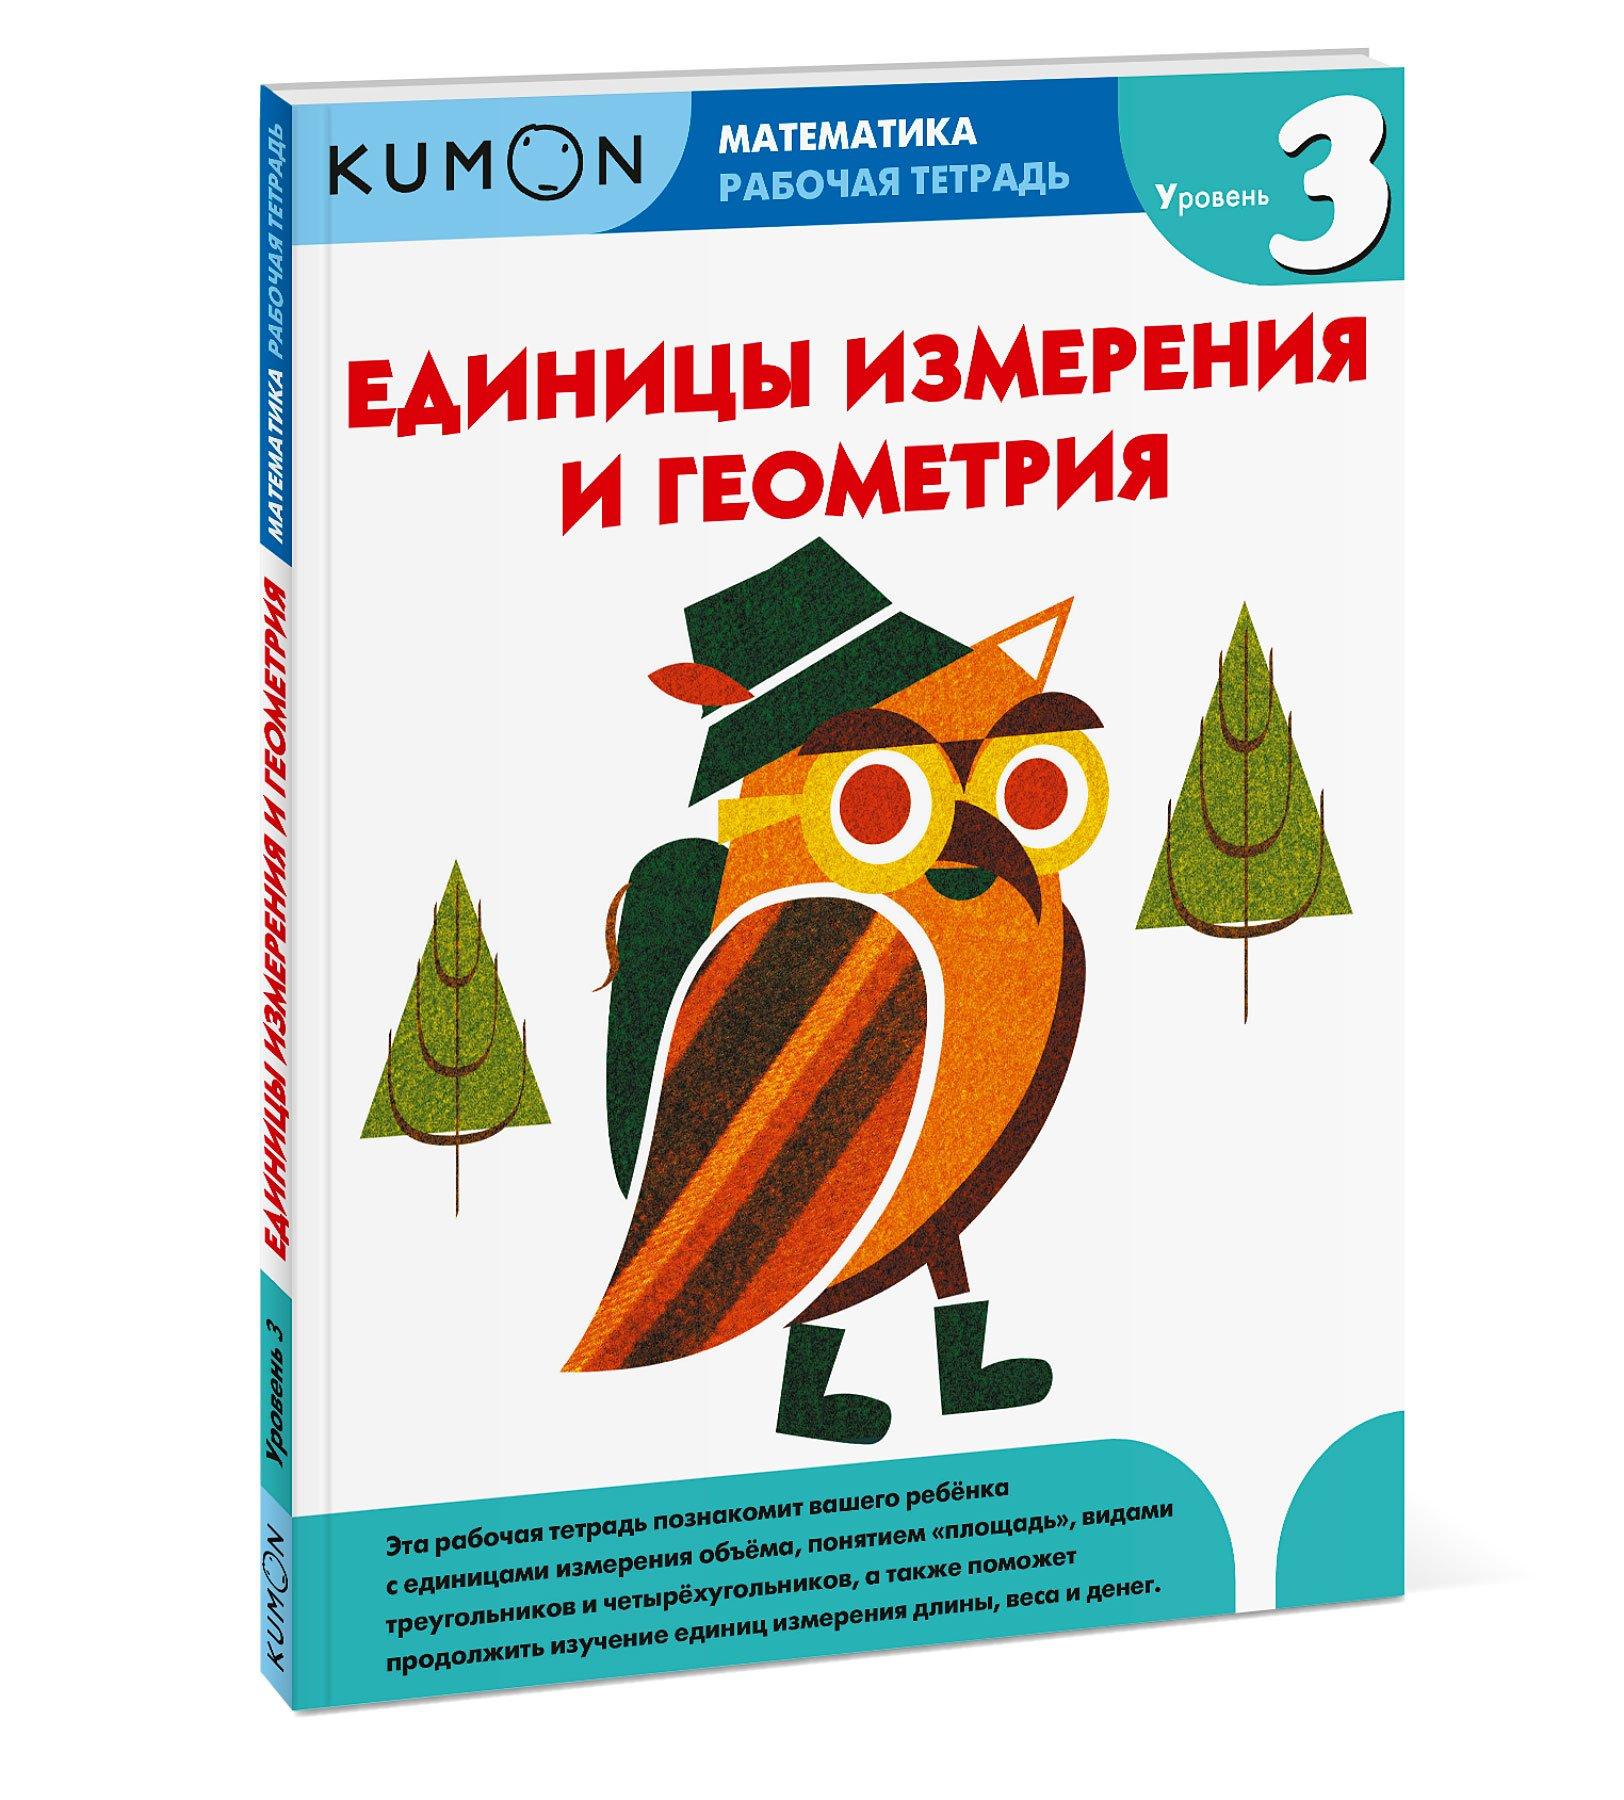 купить KUMON Математика. Единицы измерения и геометрия. Уровень 3.KUMON по цене 381 рублей